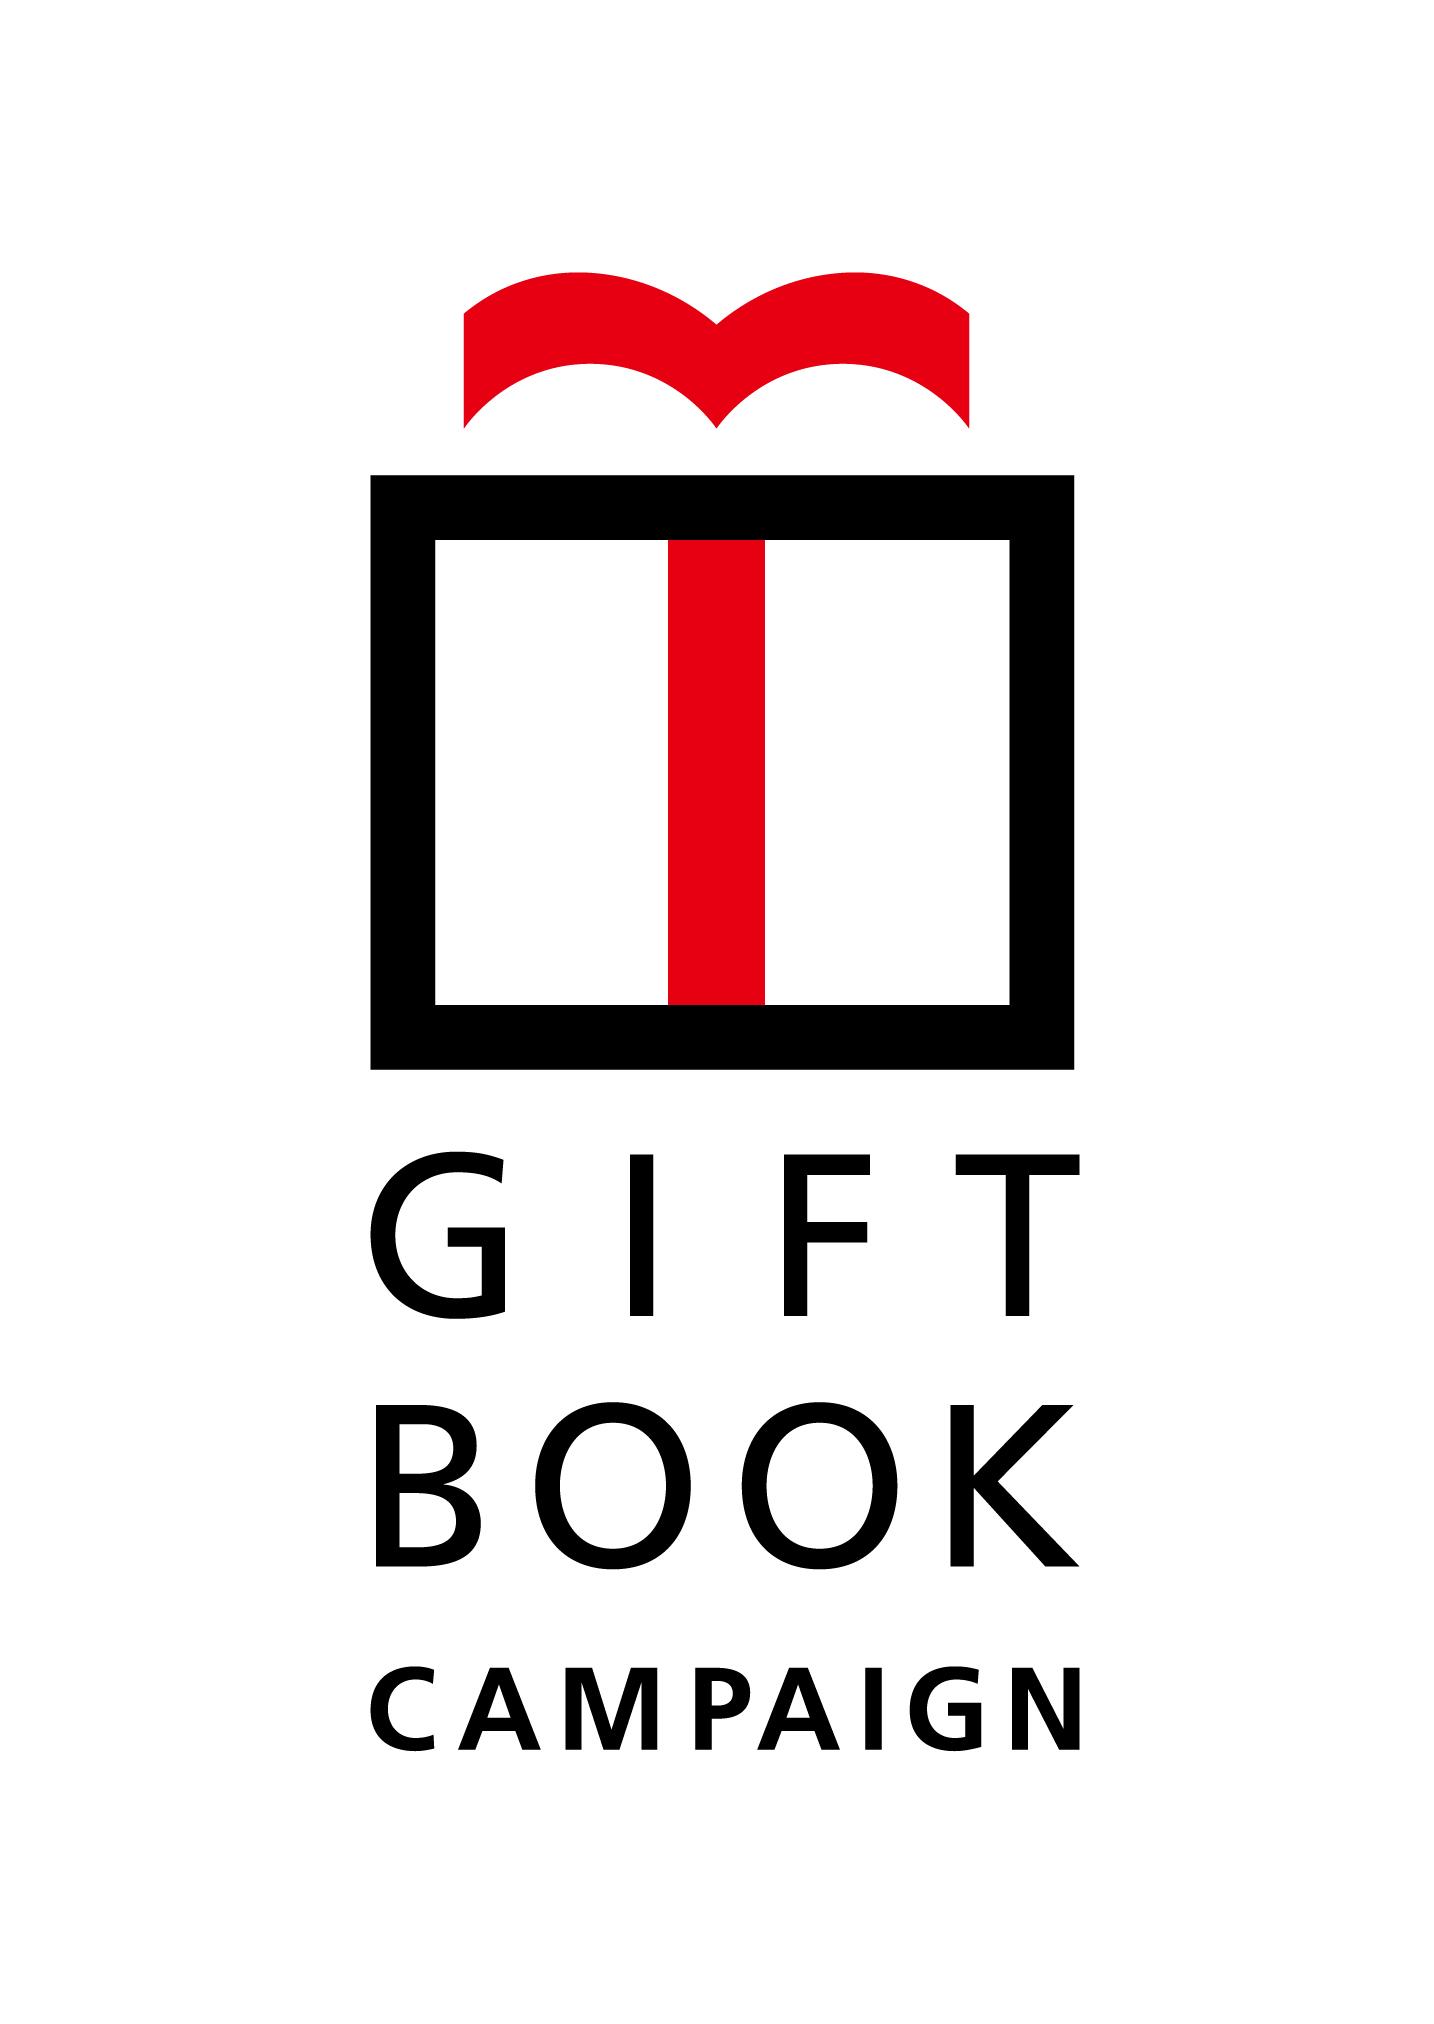 紀伊國屋書店:大切なあの人に、本を贈ろう。「ギフトブック・キャンペーン」ブックフェア